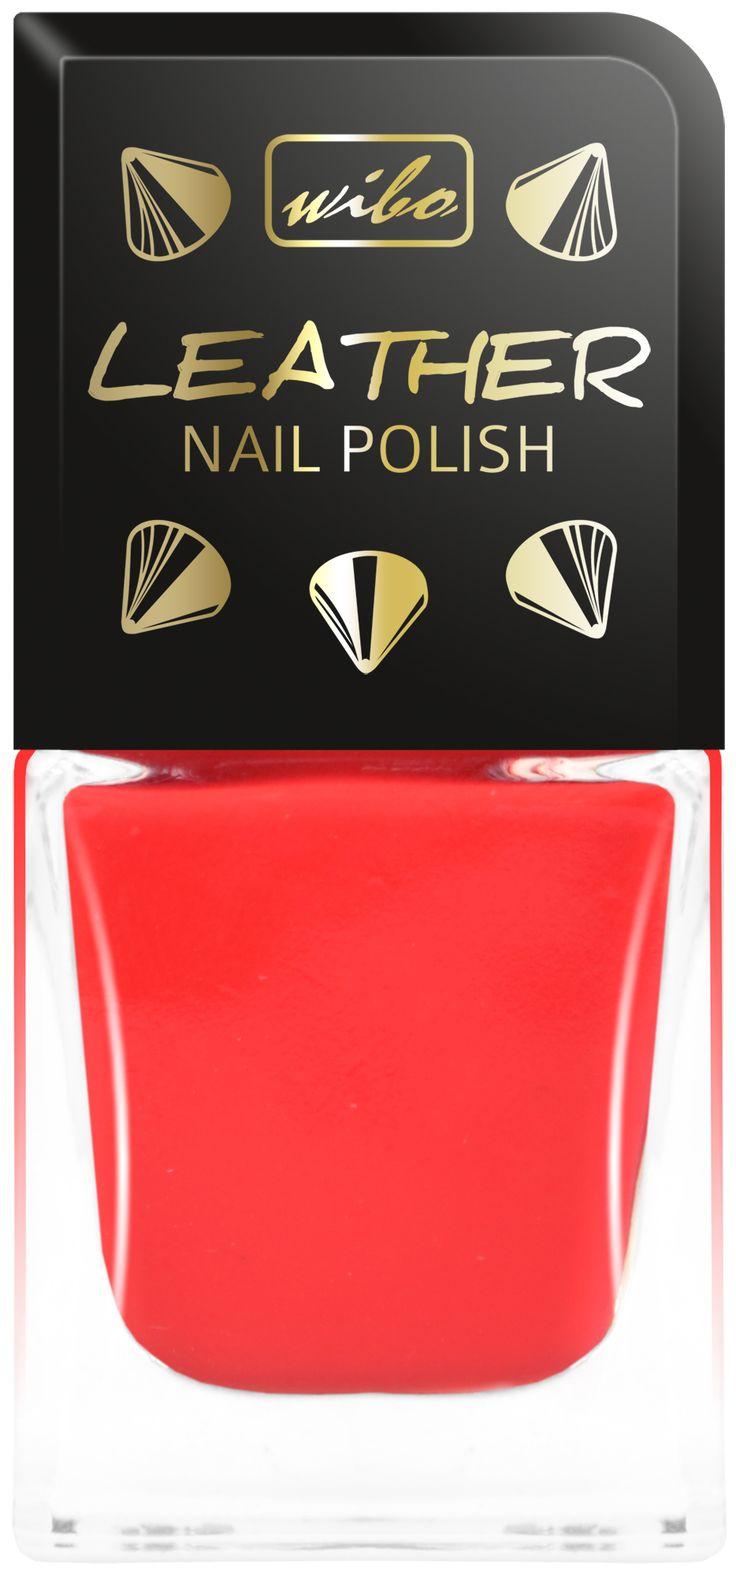 """Manicure """"na ROCKOWO"""". Piaskowa imitacja faktury skóry na powierzchni paznokci gwarantowana!  #nails #nail #manicure #black #leather #mani #manicure #piekne #dlonie #wibo #papierska  #rock"""